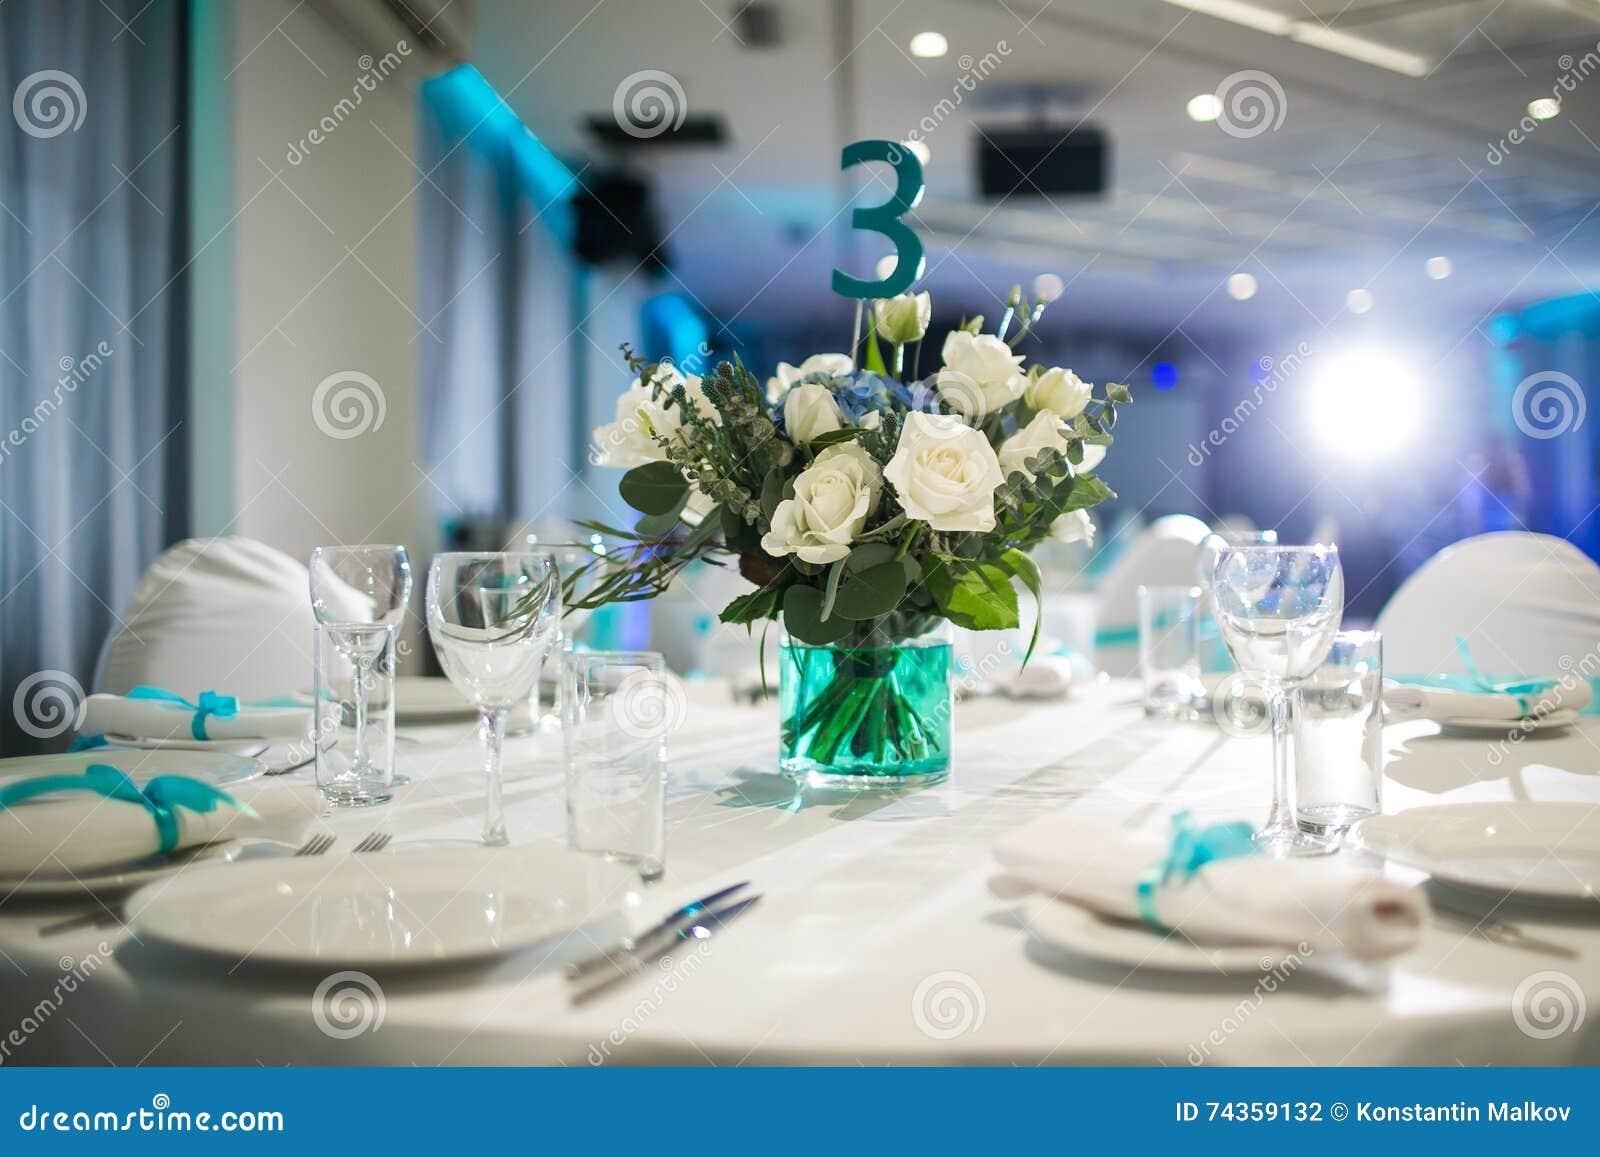 Schön organisiertes Ereignis - gediente Bankettische bereit zu den Gästen